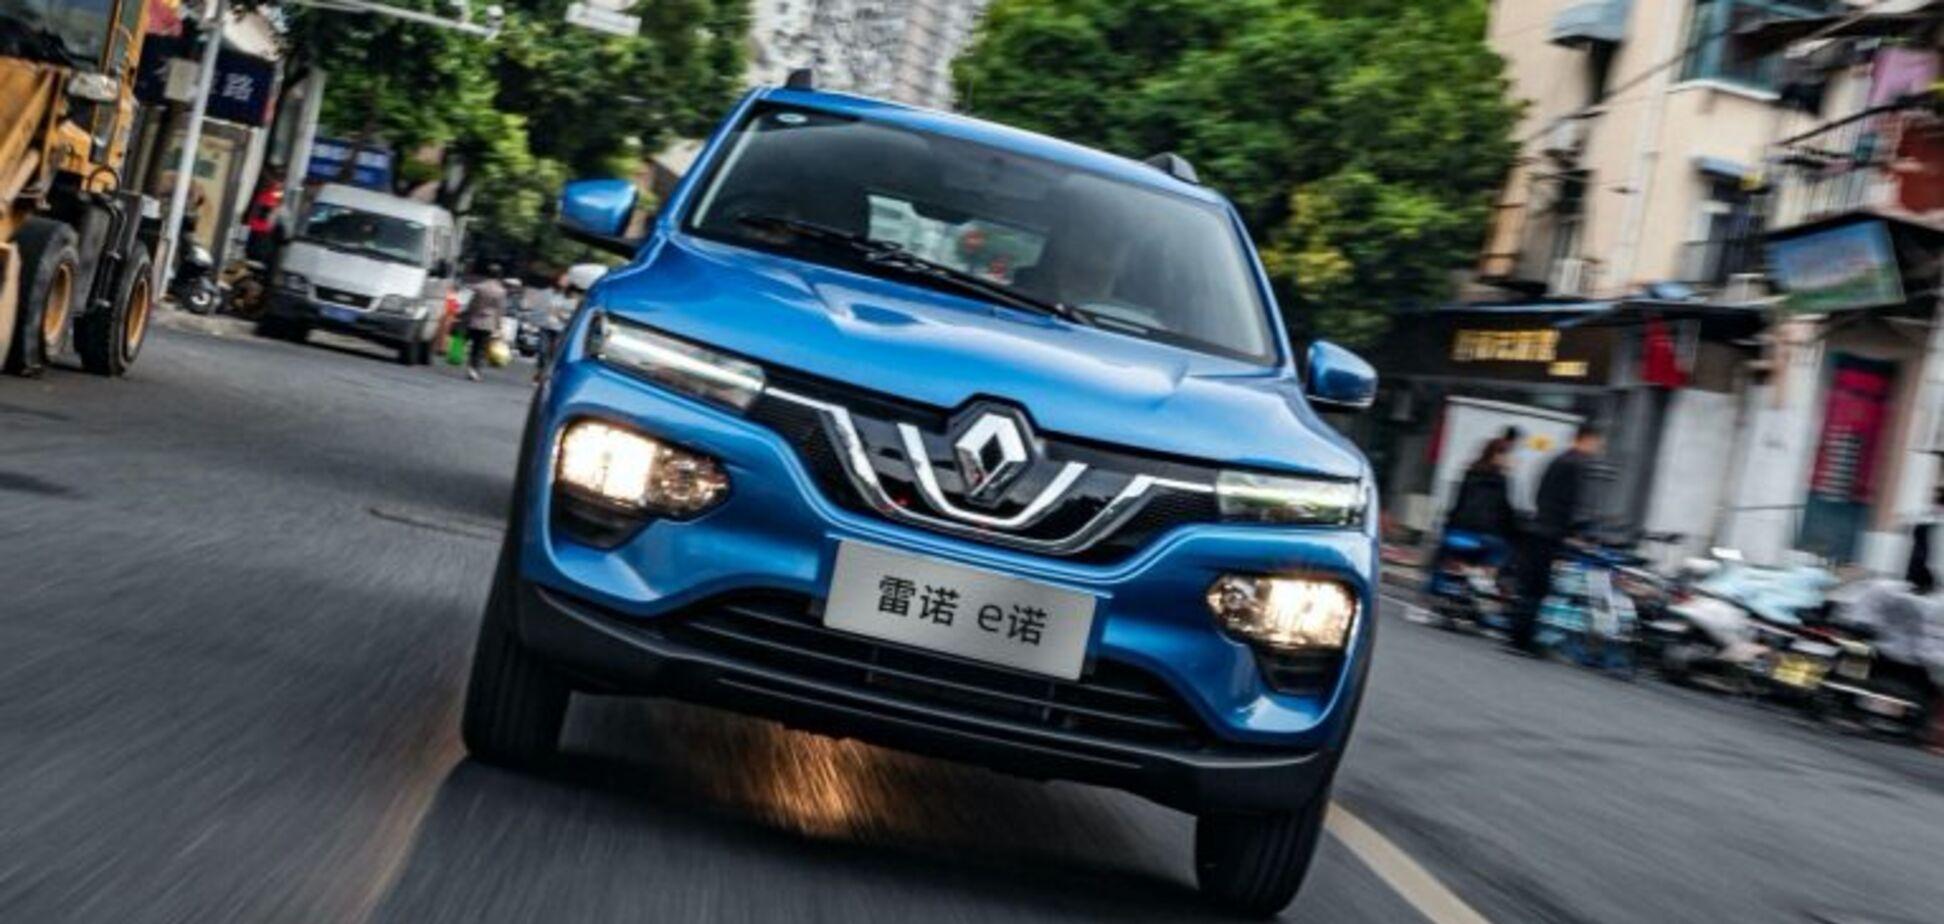 Renault відмовилася від паливних авто на користь електрокарів та фургонів